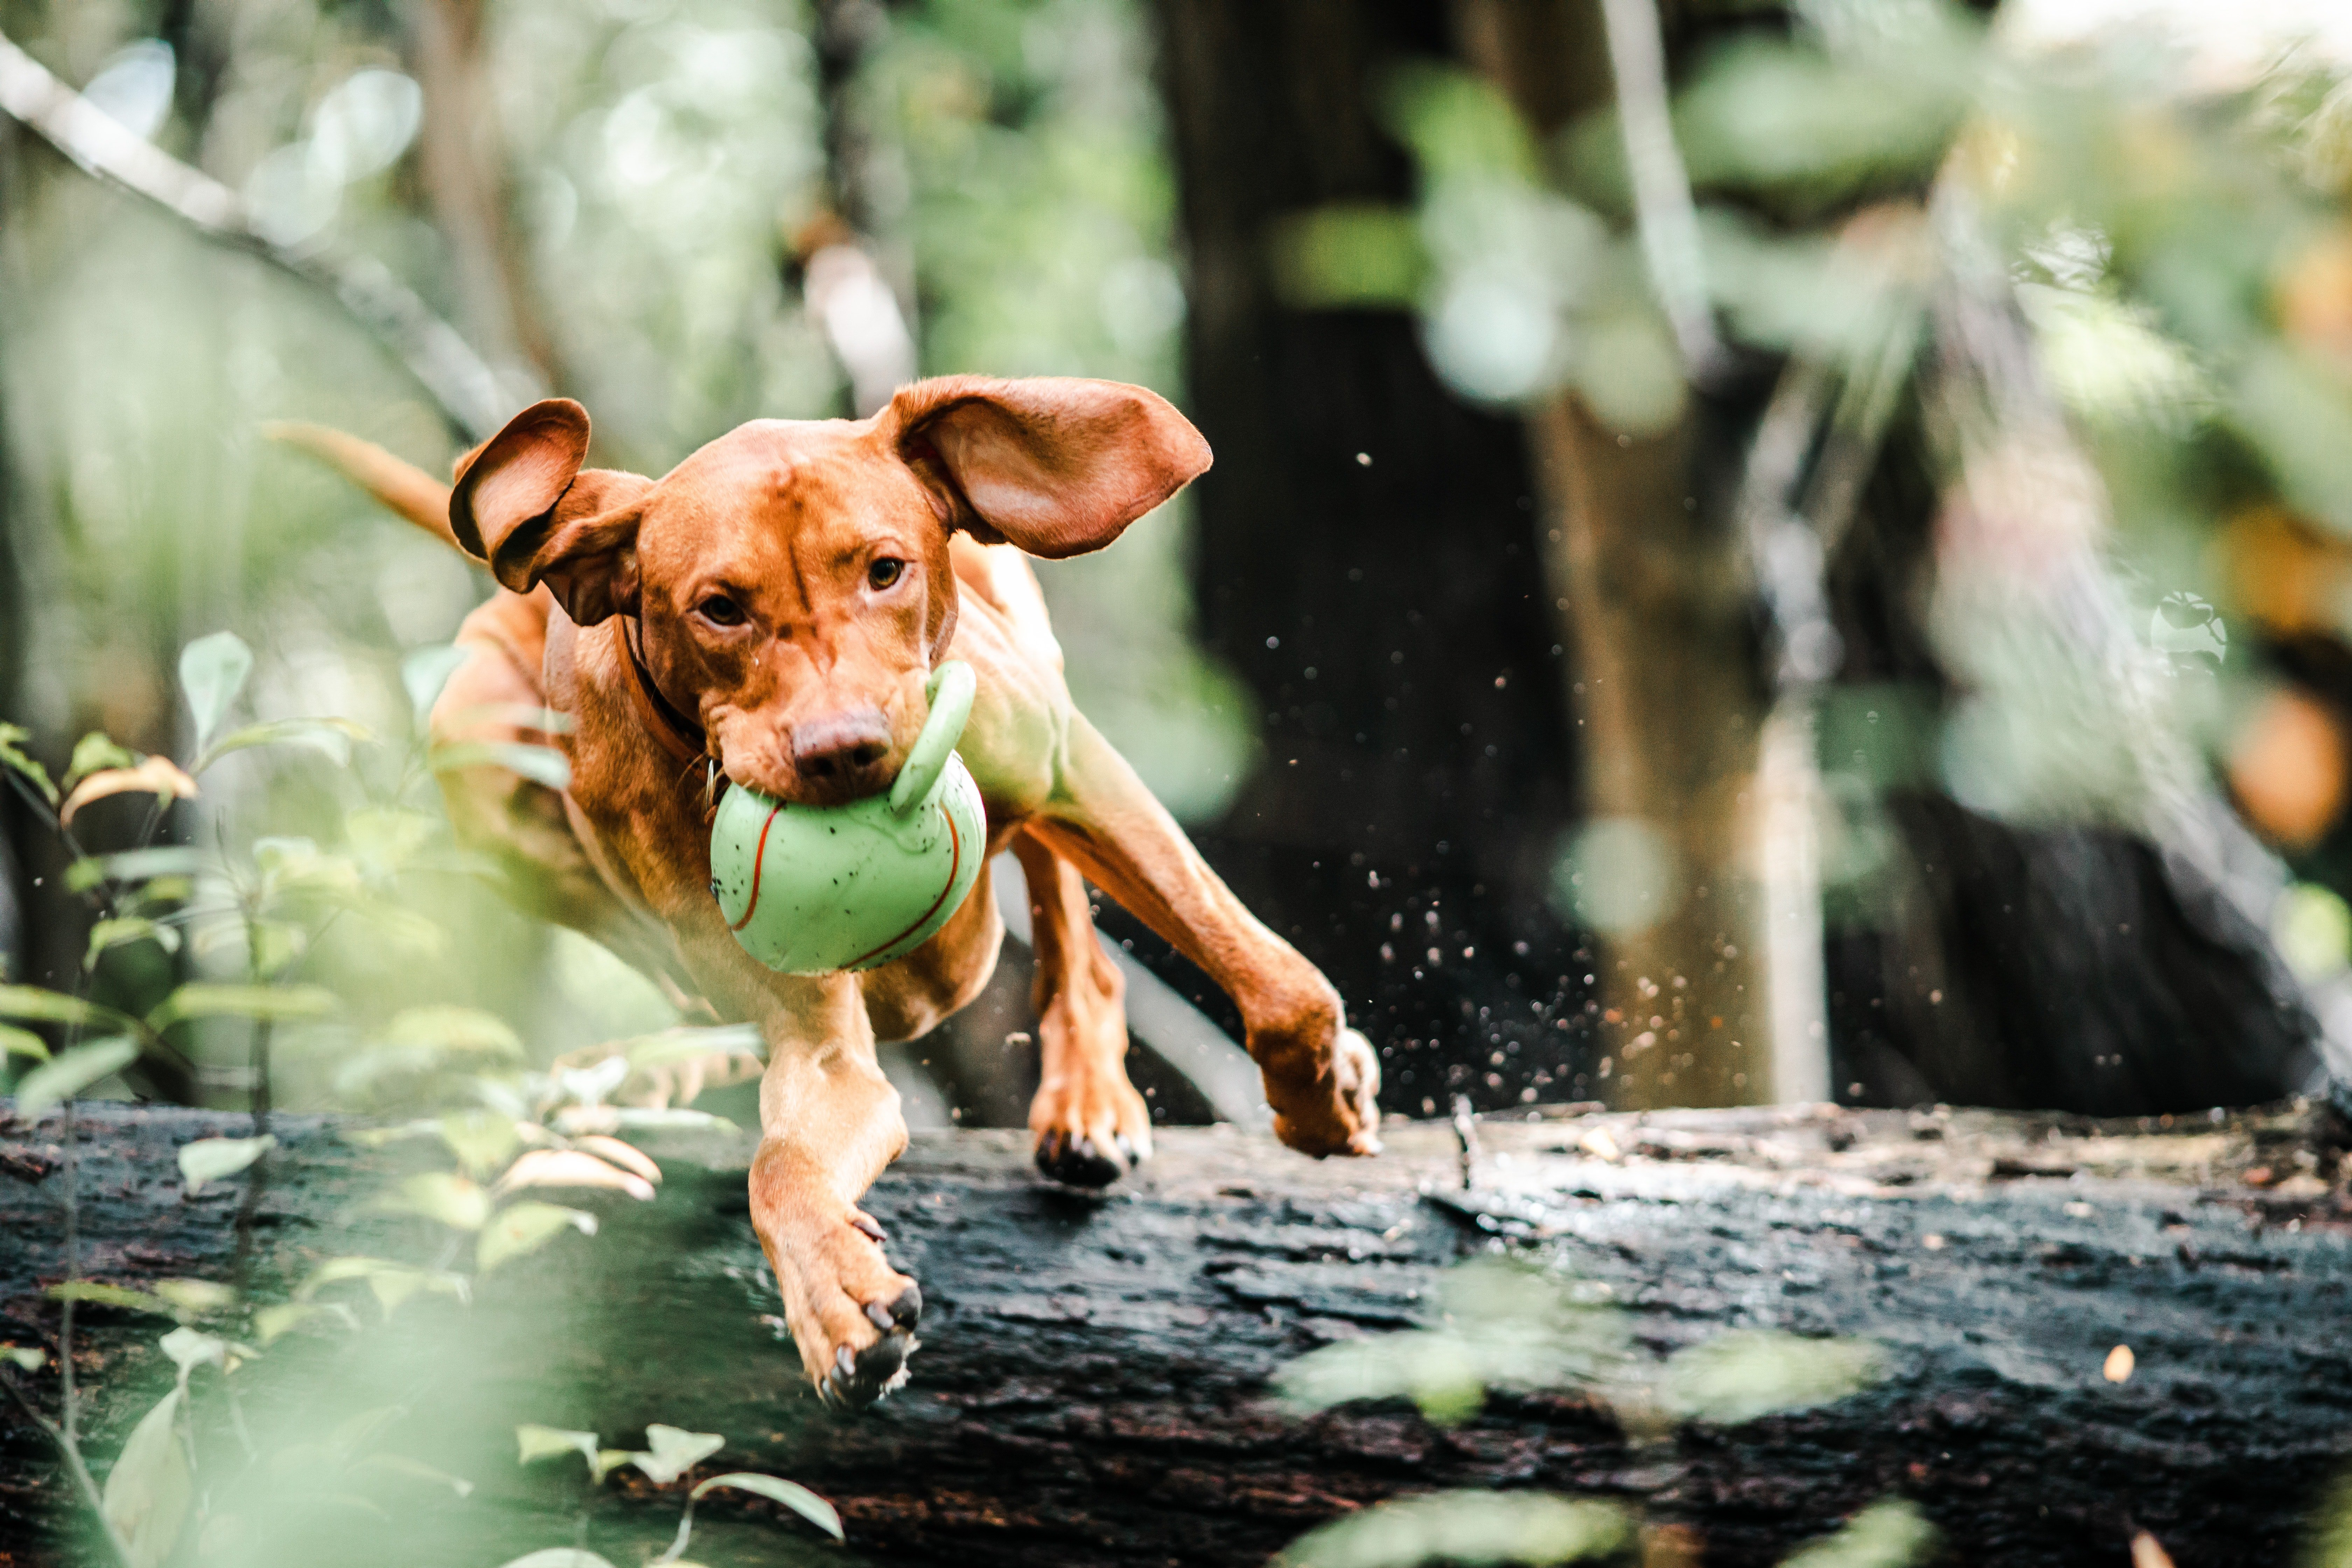 Articolazioni del cane: le patologie più comuni